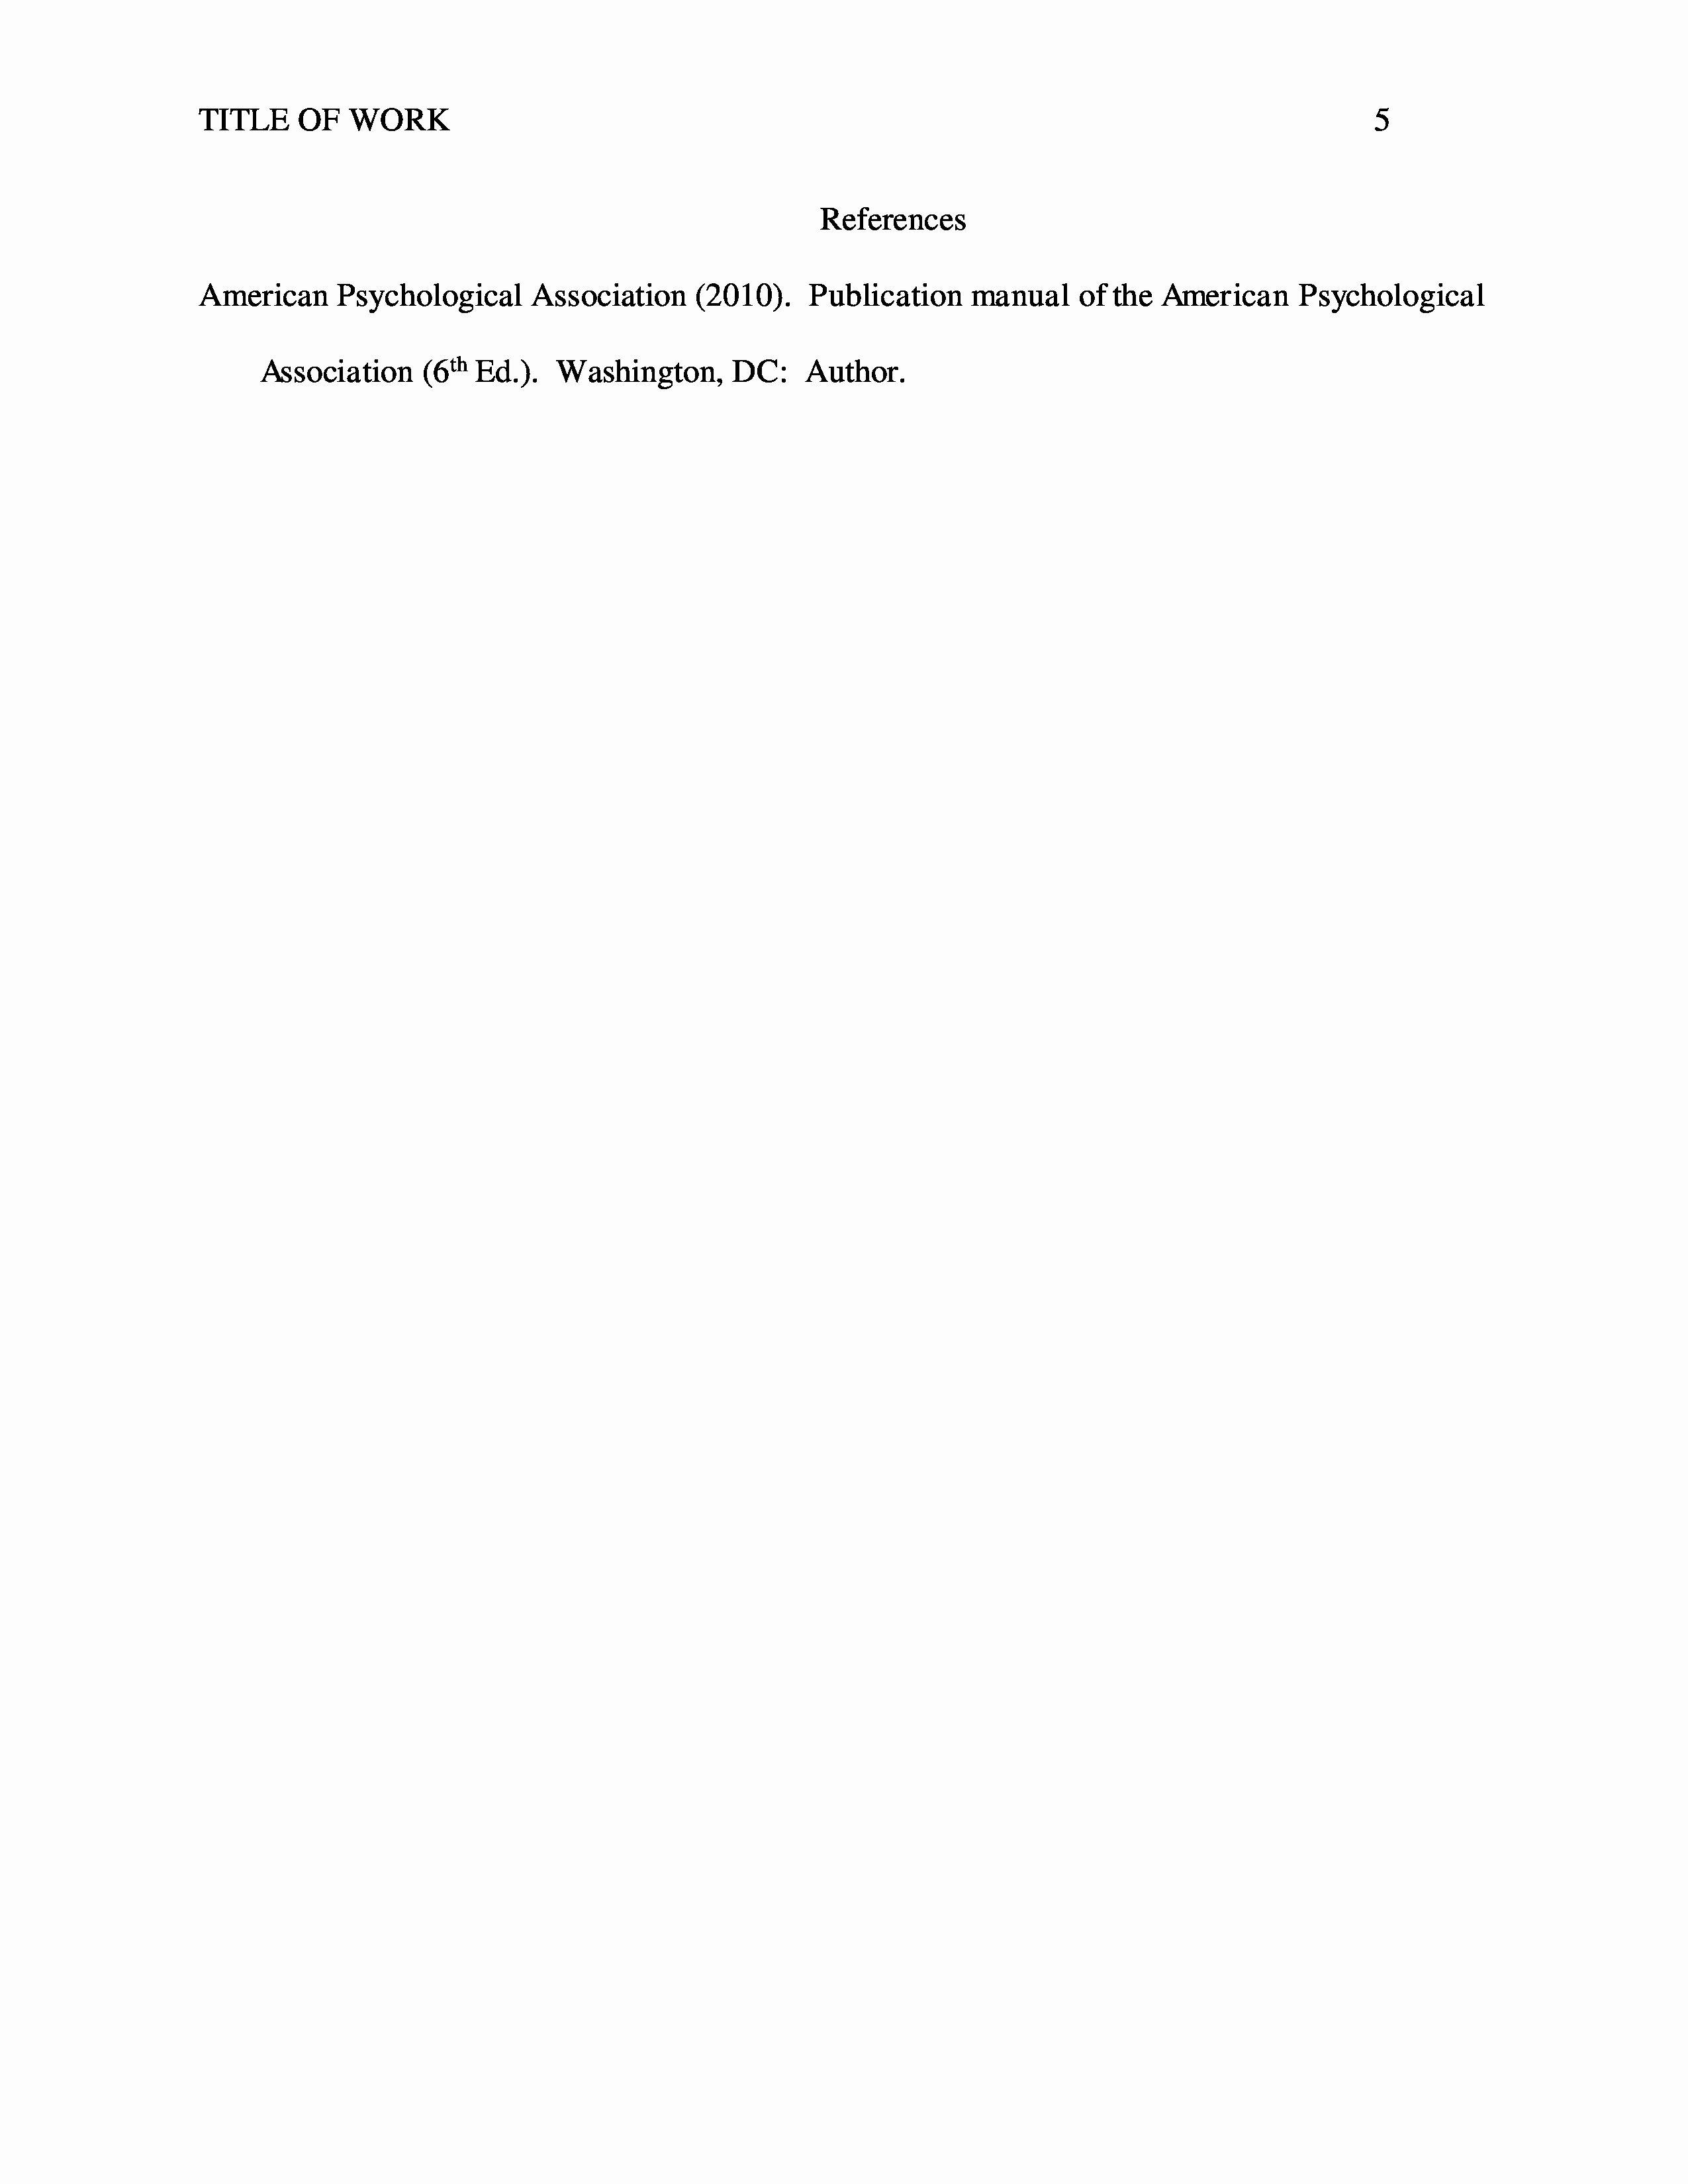 Apa Nursing Paper Examples Fresh Nursing Paper Example Apa Setup & Template Apa Support